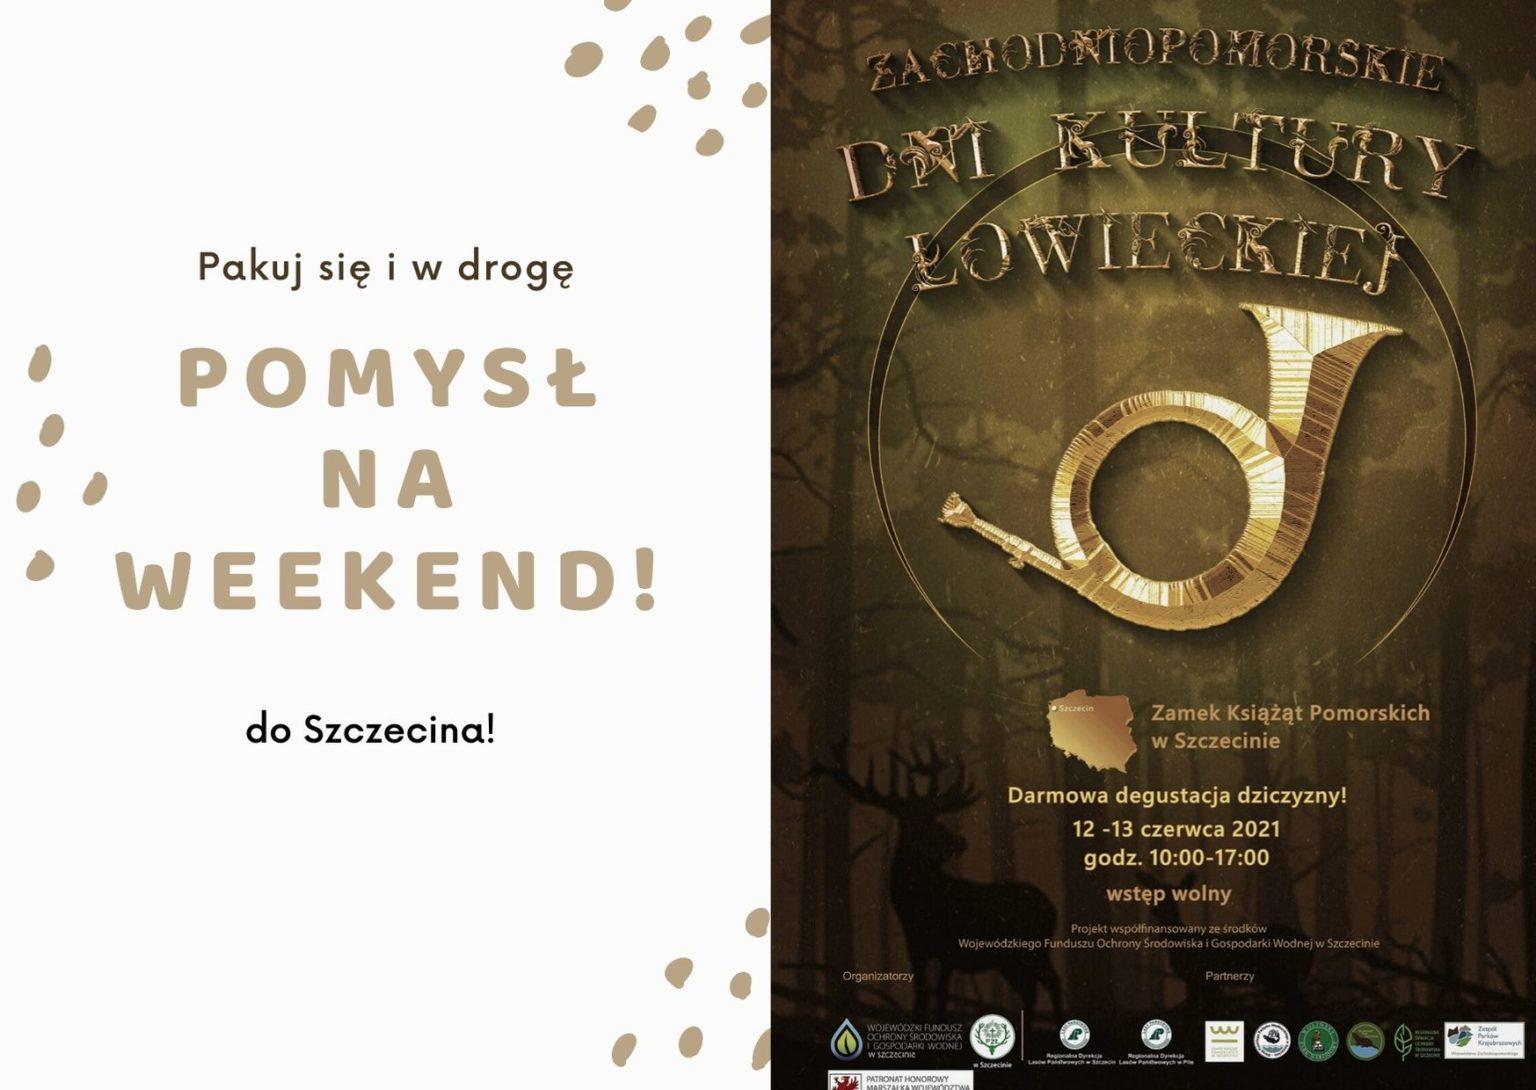 12-13 czerwca zapraszamy do Szczecina na Zachodniopomorskie Dni Kultury Łowieckiej